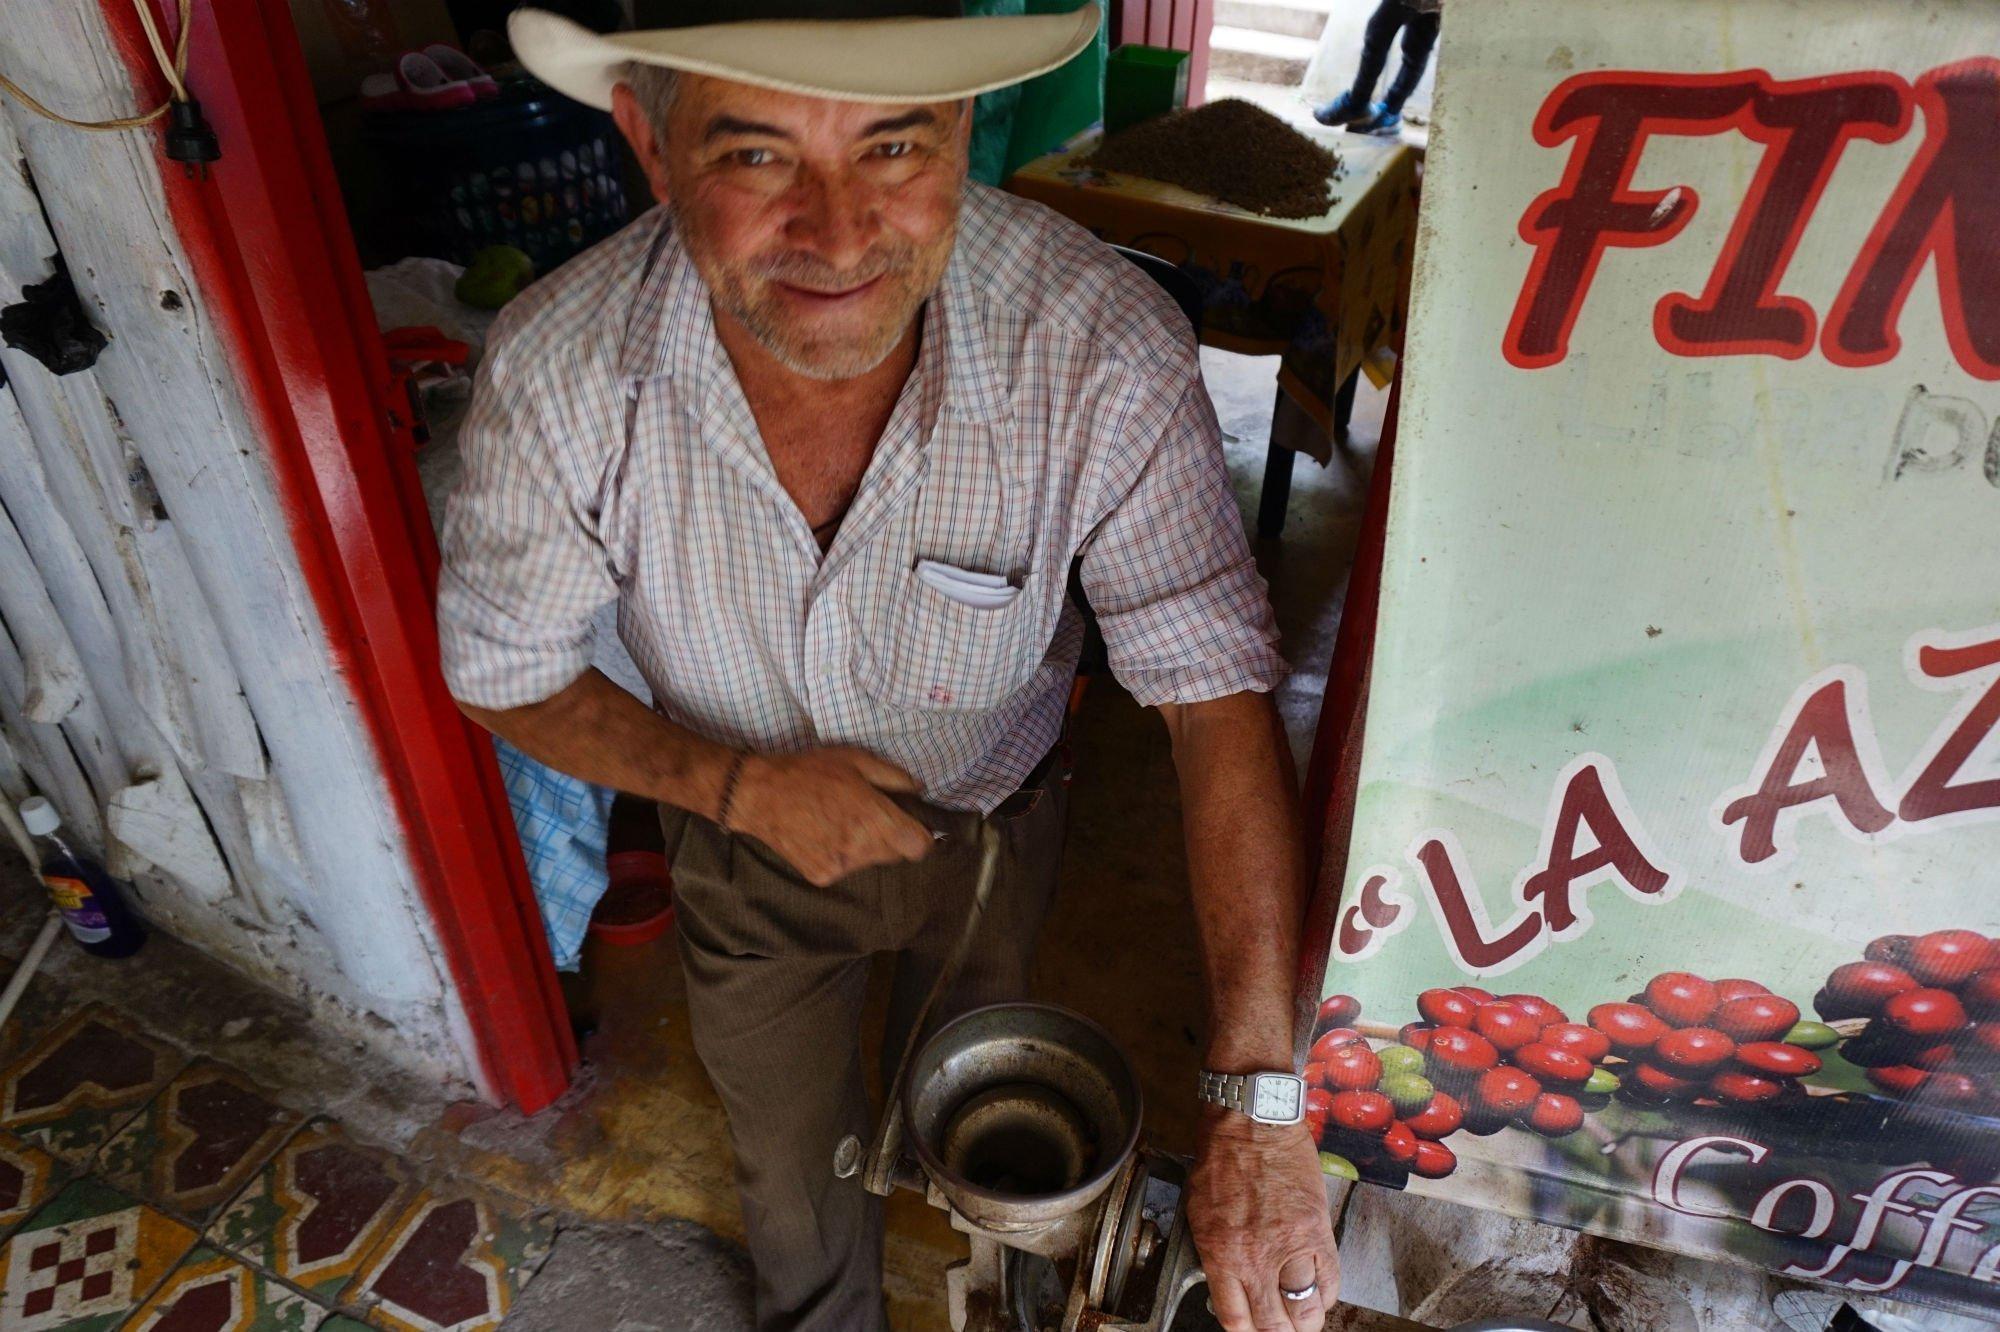 Salento compressor VIAGGIO IN COLOMBIA